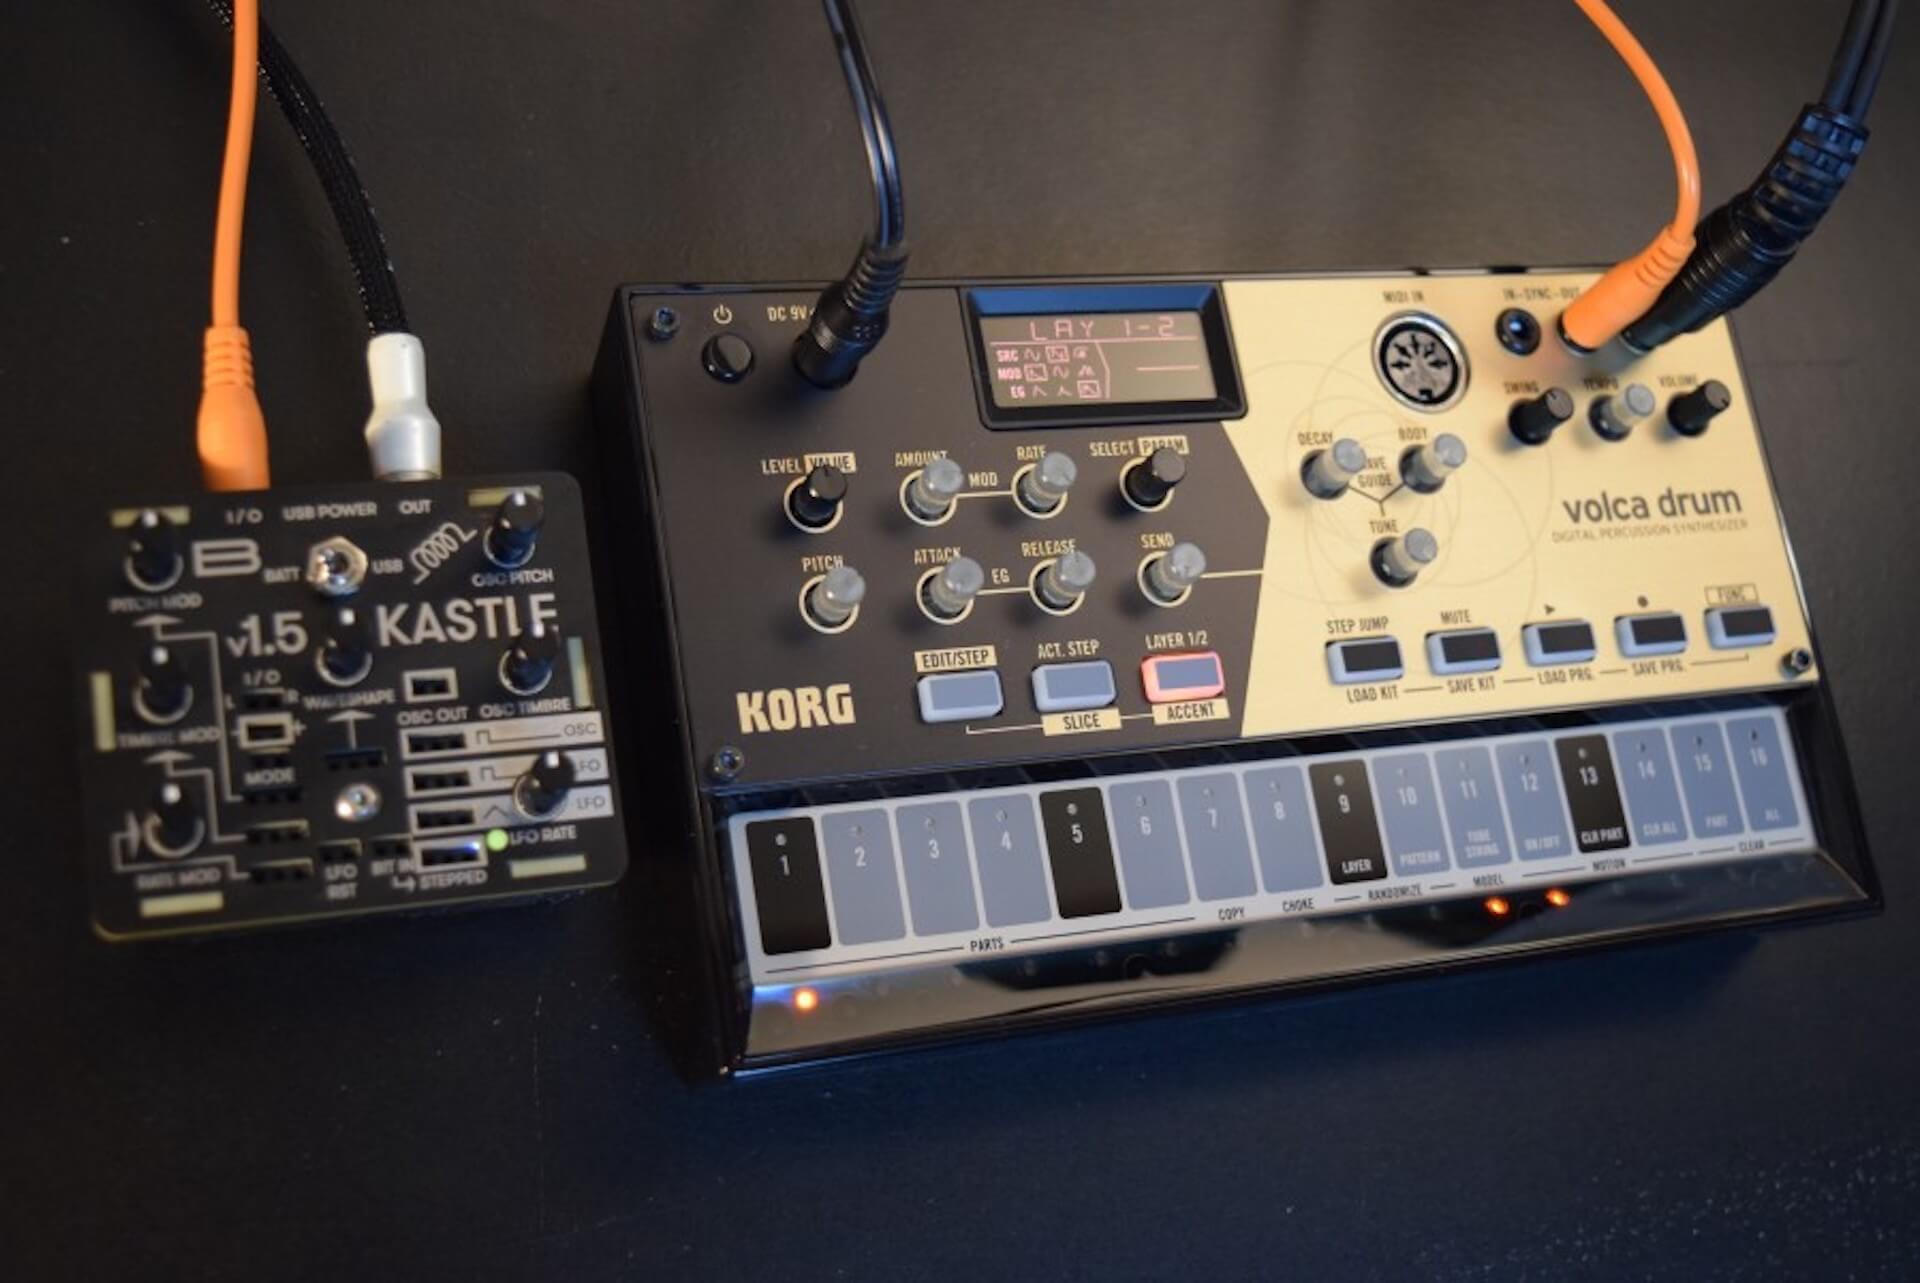 超小型モジュラー・シンセサイザー「KASTLE V1.5」のサウンドと魅力 fccbd6a92ff21d1c42d976f5540078eb